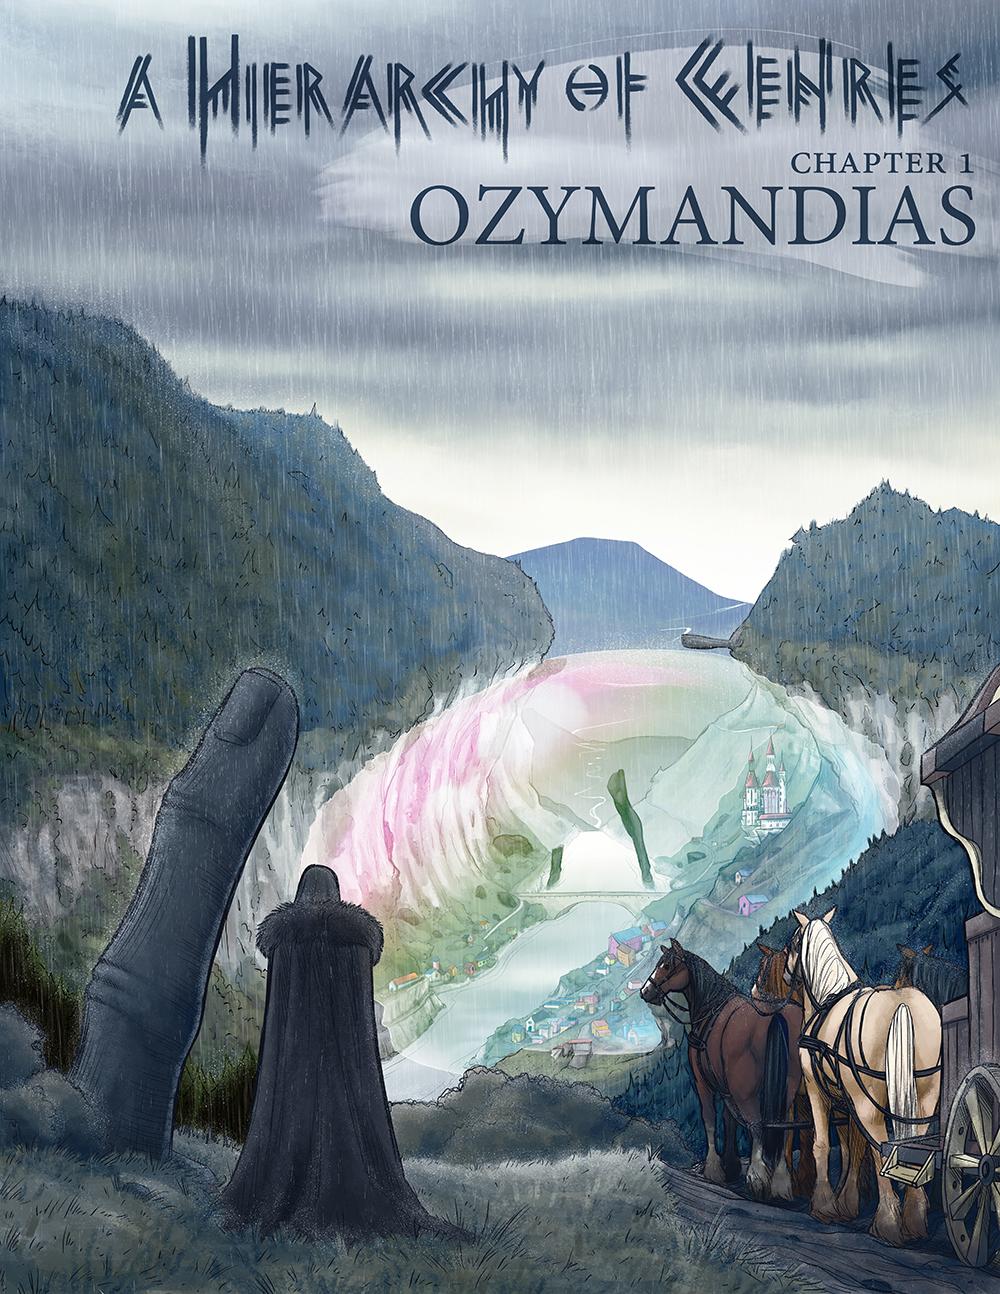 Ozymandias pg 3